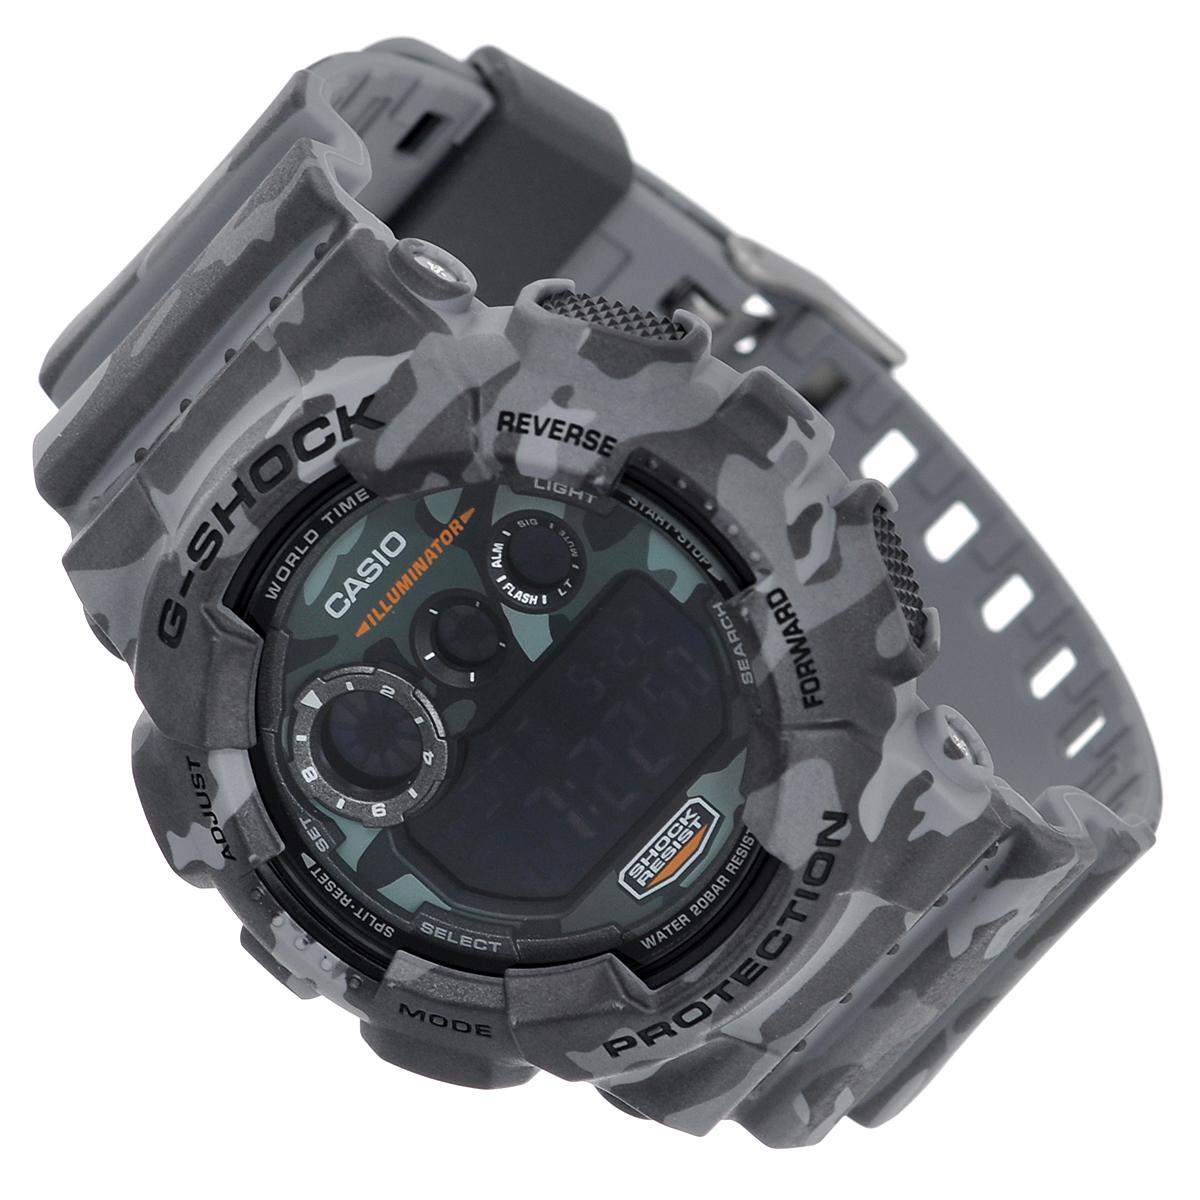 Часы мужские наручные Casio G-Shock, цвет: серый, светло-серый. GD-120CM-8EGD-120CM-8EСтильные часы G-Shock от японского брэнда Casio - это яркий функциональный аксессуар для современных людей, которые стремятся выделиться из толпы и подчеркнуть свою индивидуальность. Часы выполнены в спортивном стиле. Корпус имеет ударопрочную конструкцию, защищающую механизм от ударов и вибрации. Циферблат подсвечивается светодиодной автоматической подсветкой. При движении руки дисплей освещается ярким светом. Ремешок из мягкого пластика имеет классическую застежку.Основные функции: -5 будильников, один из которых с функцией Snooze, ежечасный сигнал; -автоматический календарь (число, месяц, день недели, год); -сплит-хронограф; -секундомер с точностью показаний 1/100 с, время измерения 24 часа; -12-ти и 24-х часовой формат времени; -таймер обратного отсчета от 1 мин до 24 ч; -мировое время; -функция включения/отключения звука.Часы упакованы в фирменную коробку с логотипом Casio. Такой аксессуар добавит вашему образу стиля и подчеркнет безупречный вкус своего владельца.Характеристики: Диаметр циферблата: 3,7 см.Размер корпуса: 5,8 см х 5,4 см х 2 см.Длина ремешка (с корпусом): 25,5 см.Ширина ремешка: 2,2 см. STAINLESS STELL BACK MADE IN CHINA EL.